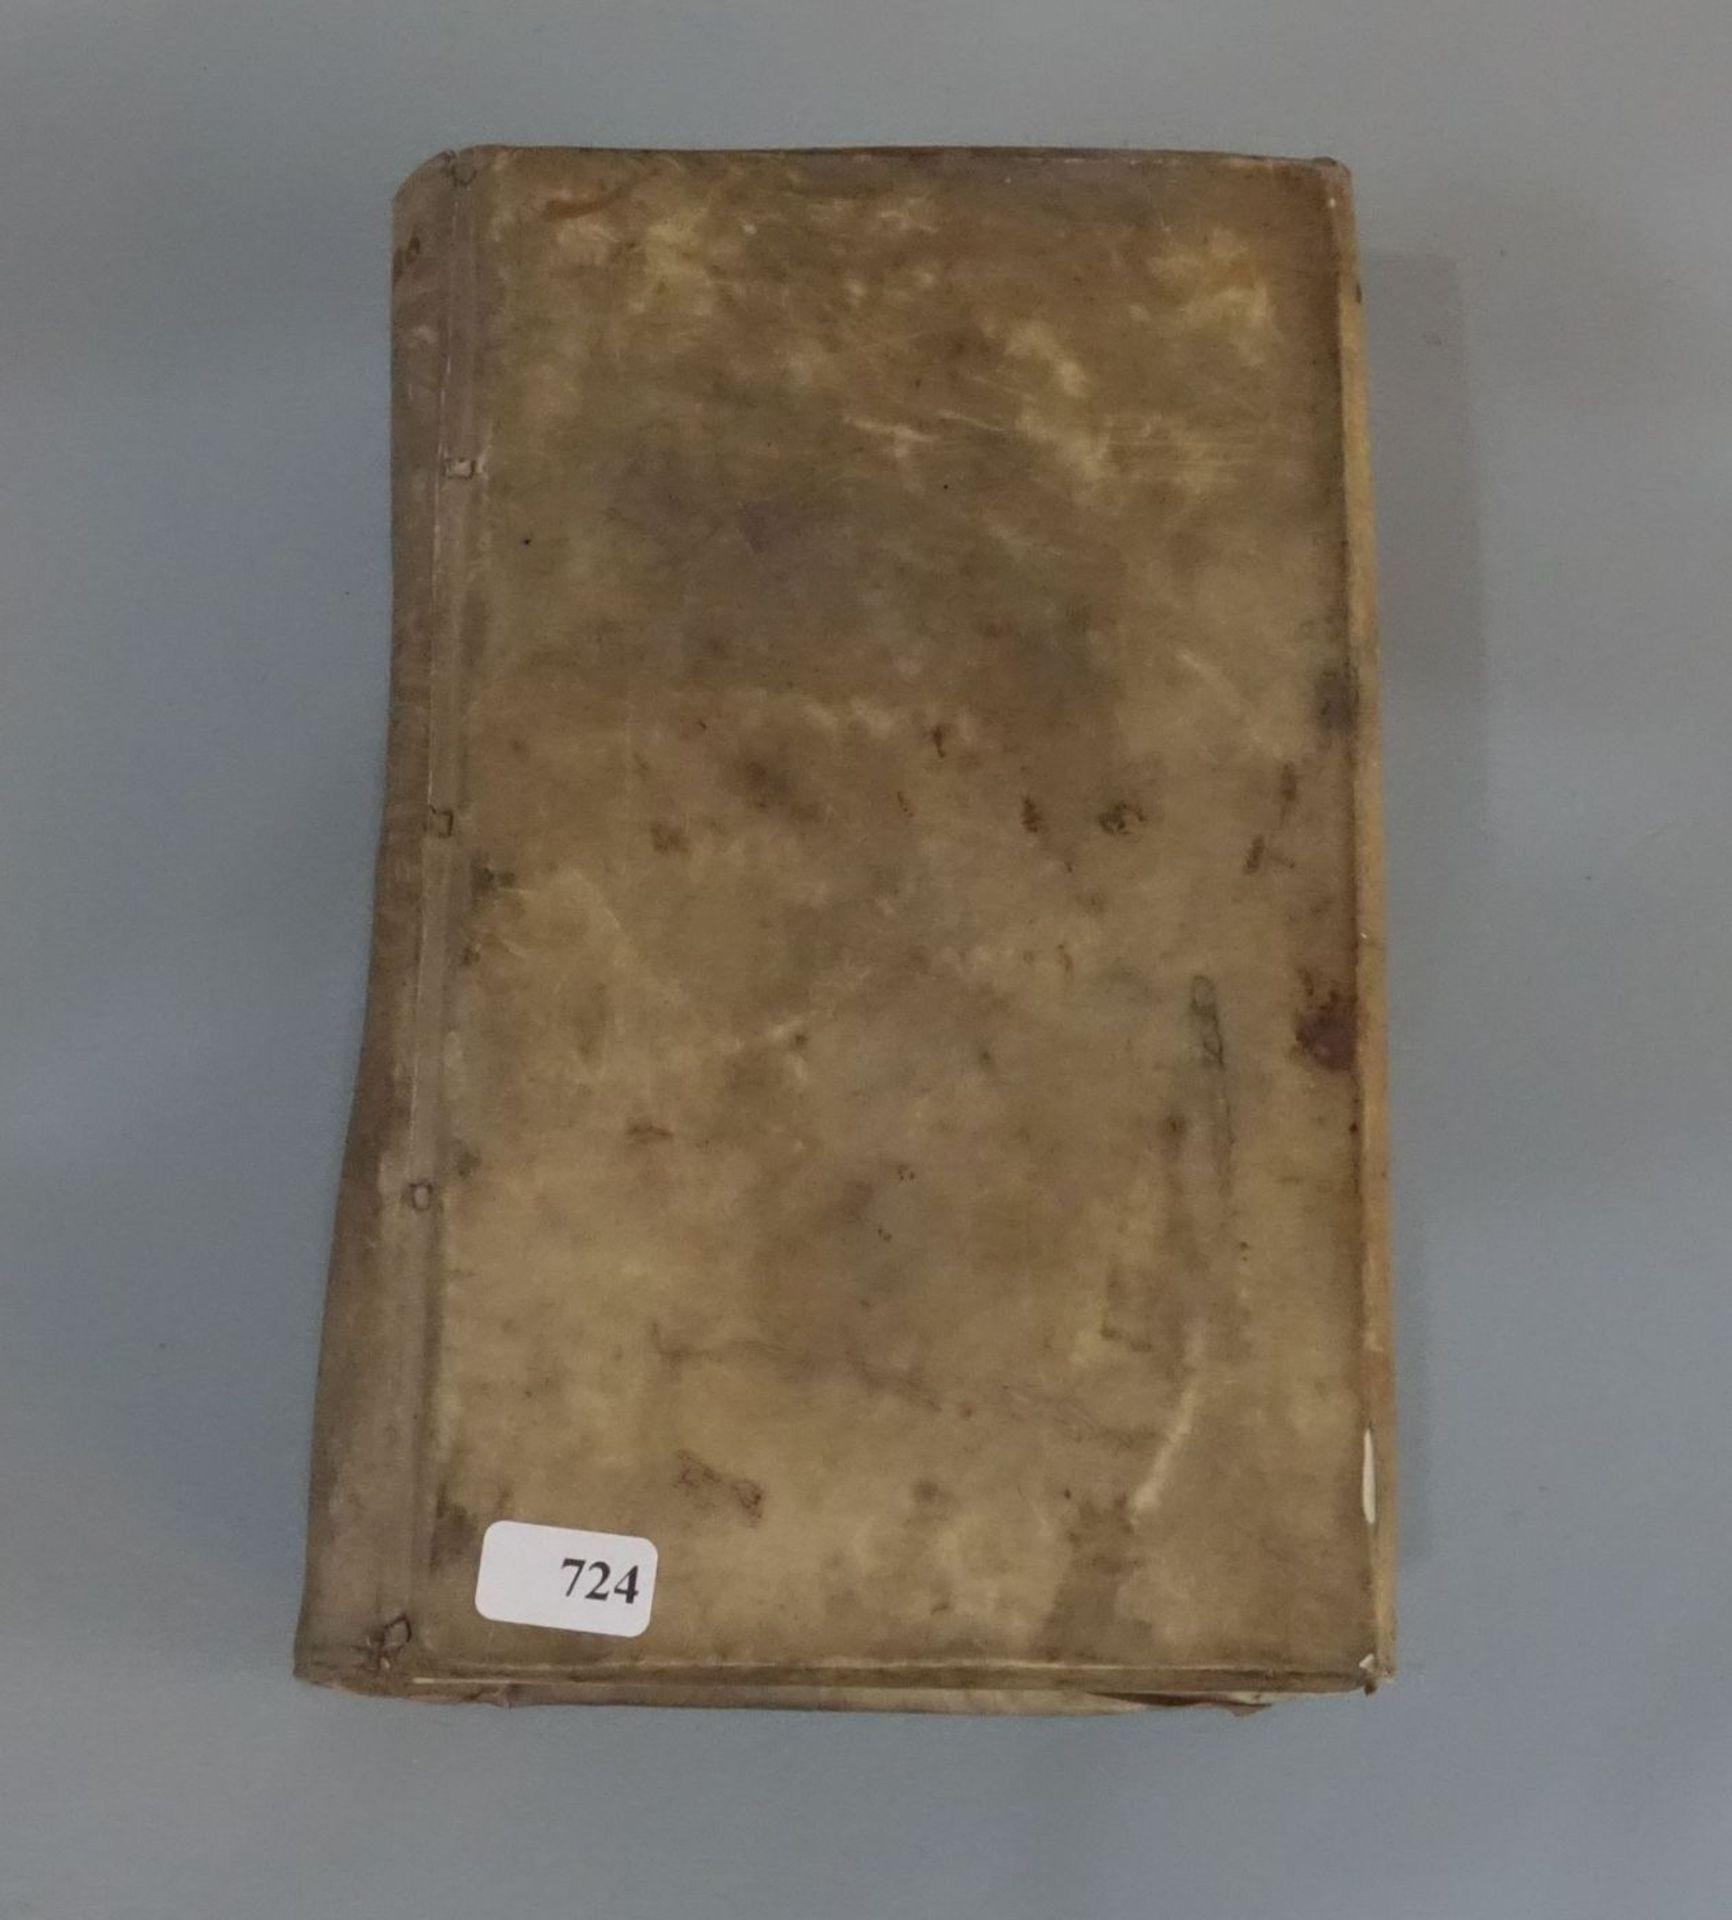 BUCH VON 1731 - Bild 3 aus 3